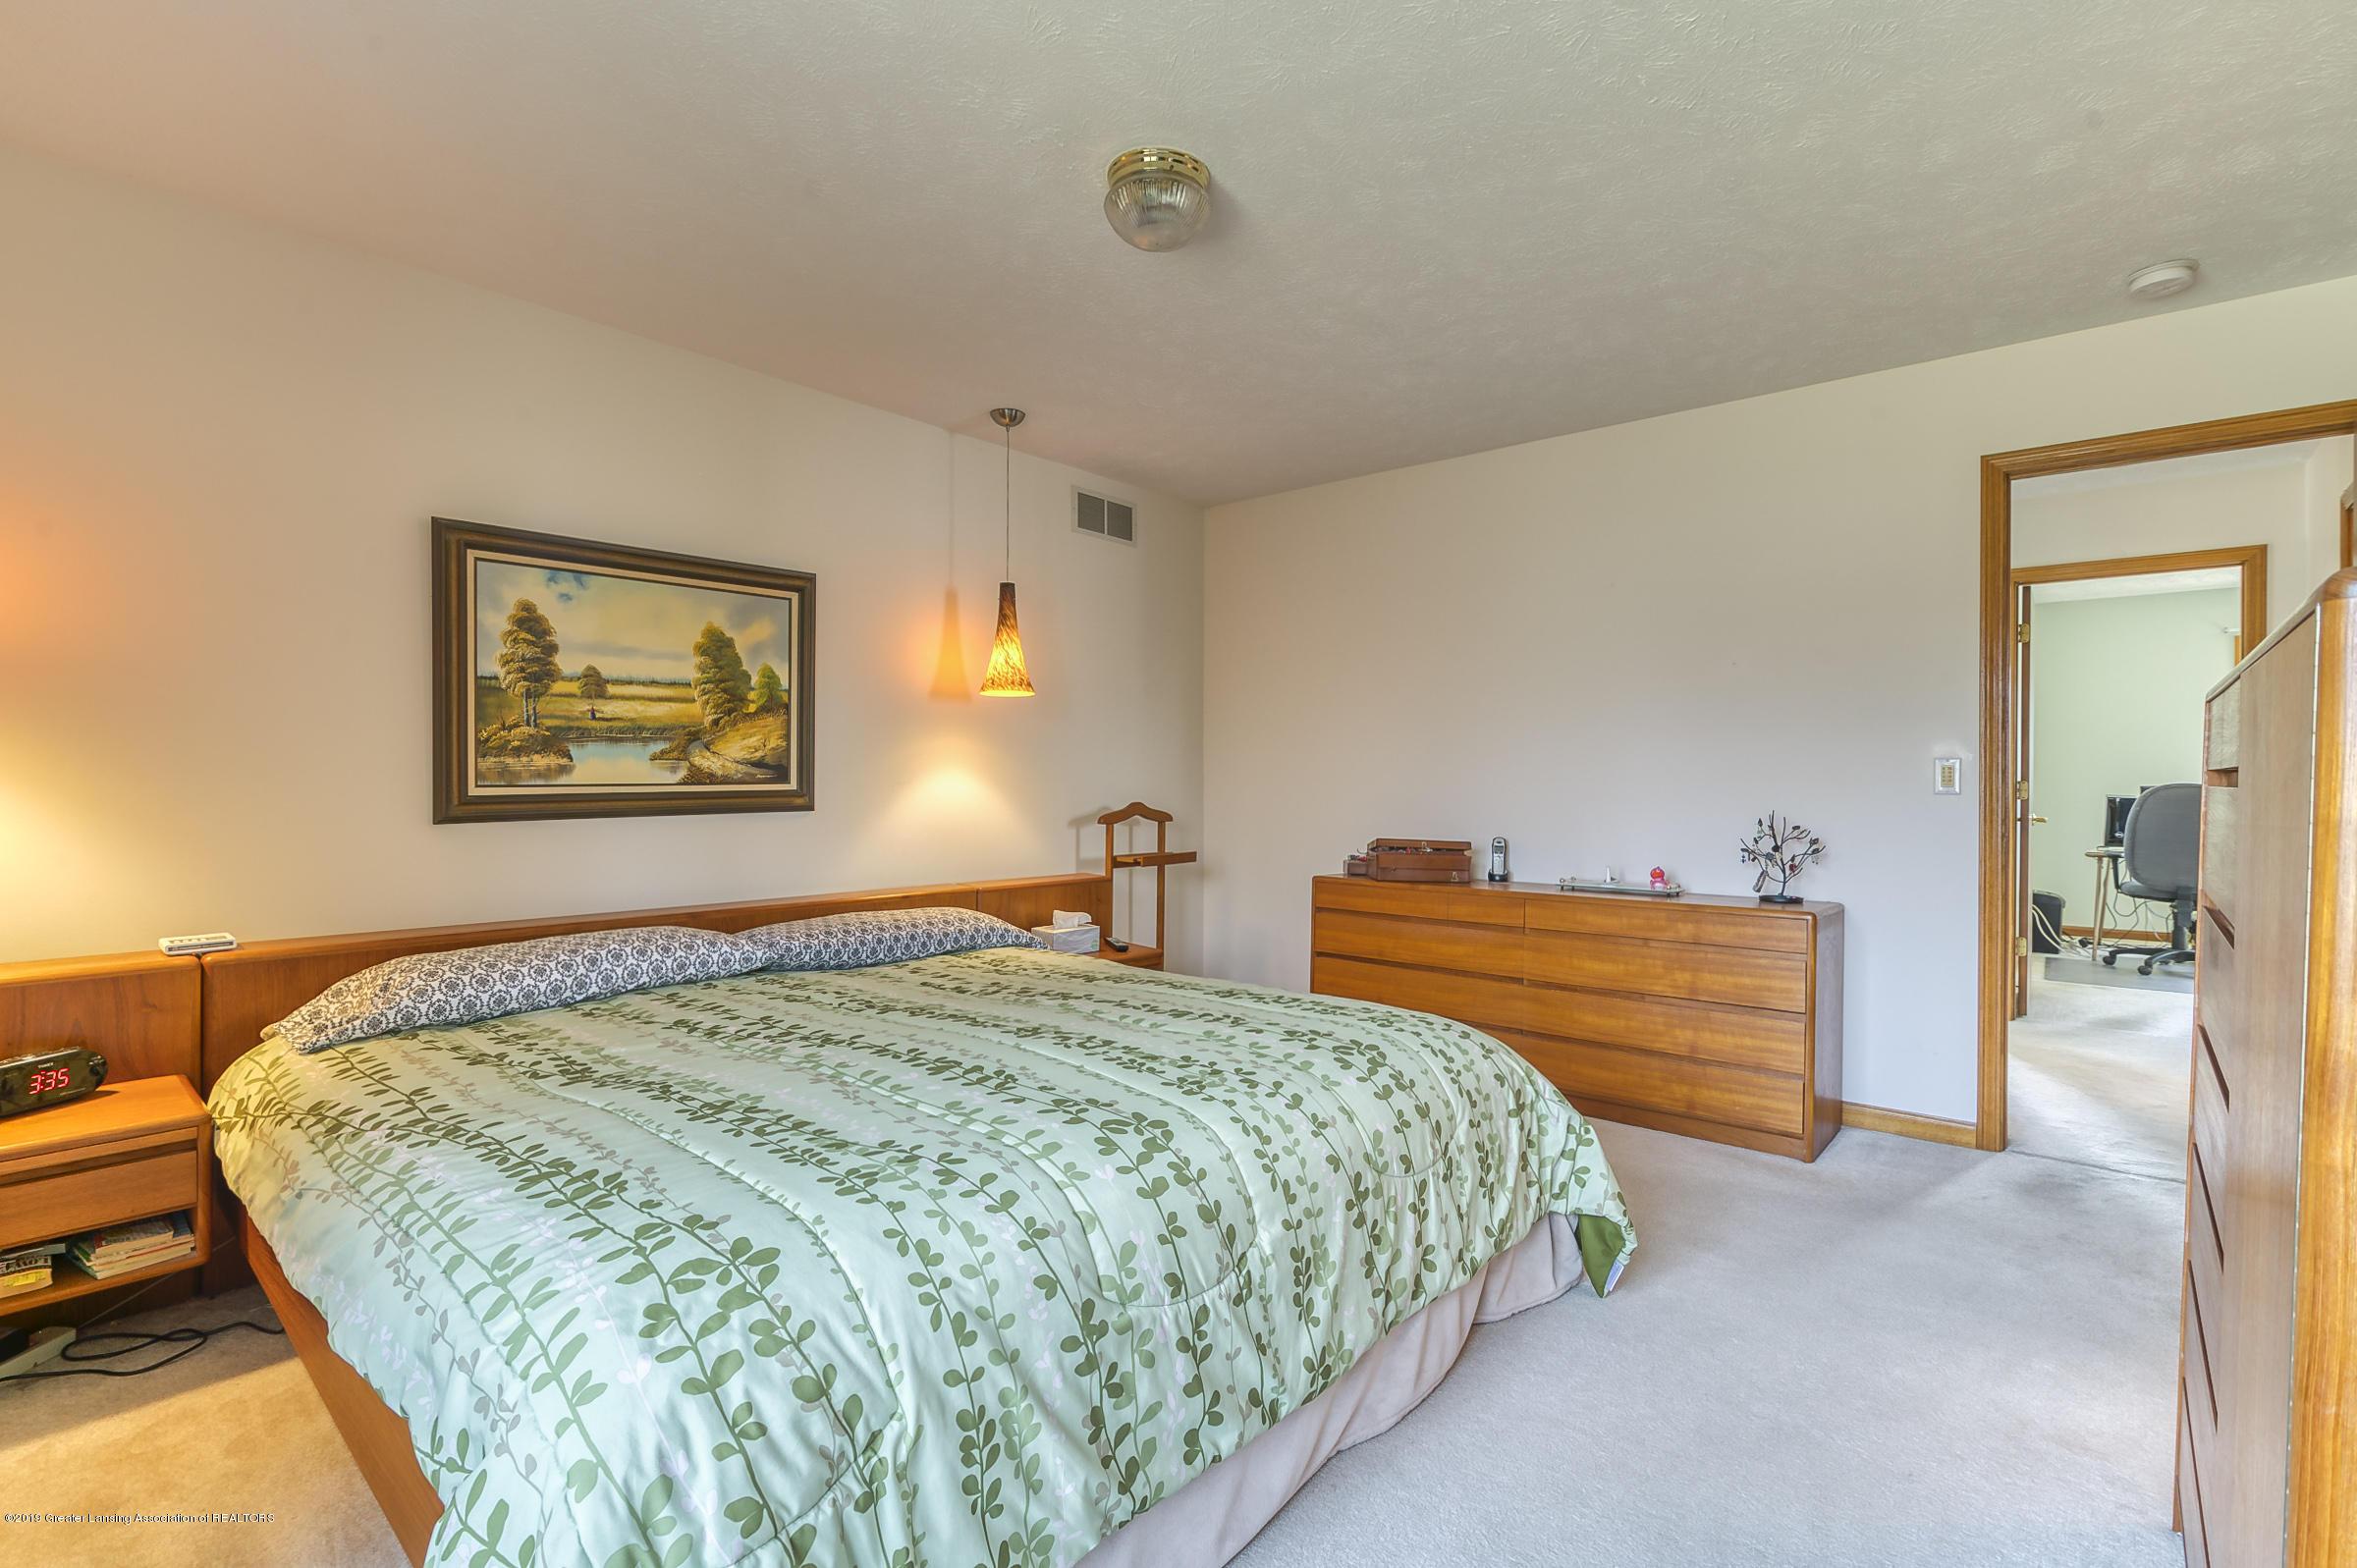 1700 Killarney Dr - Master Bedroom - 12